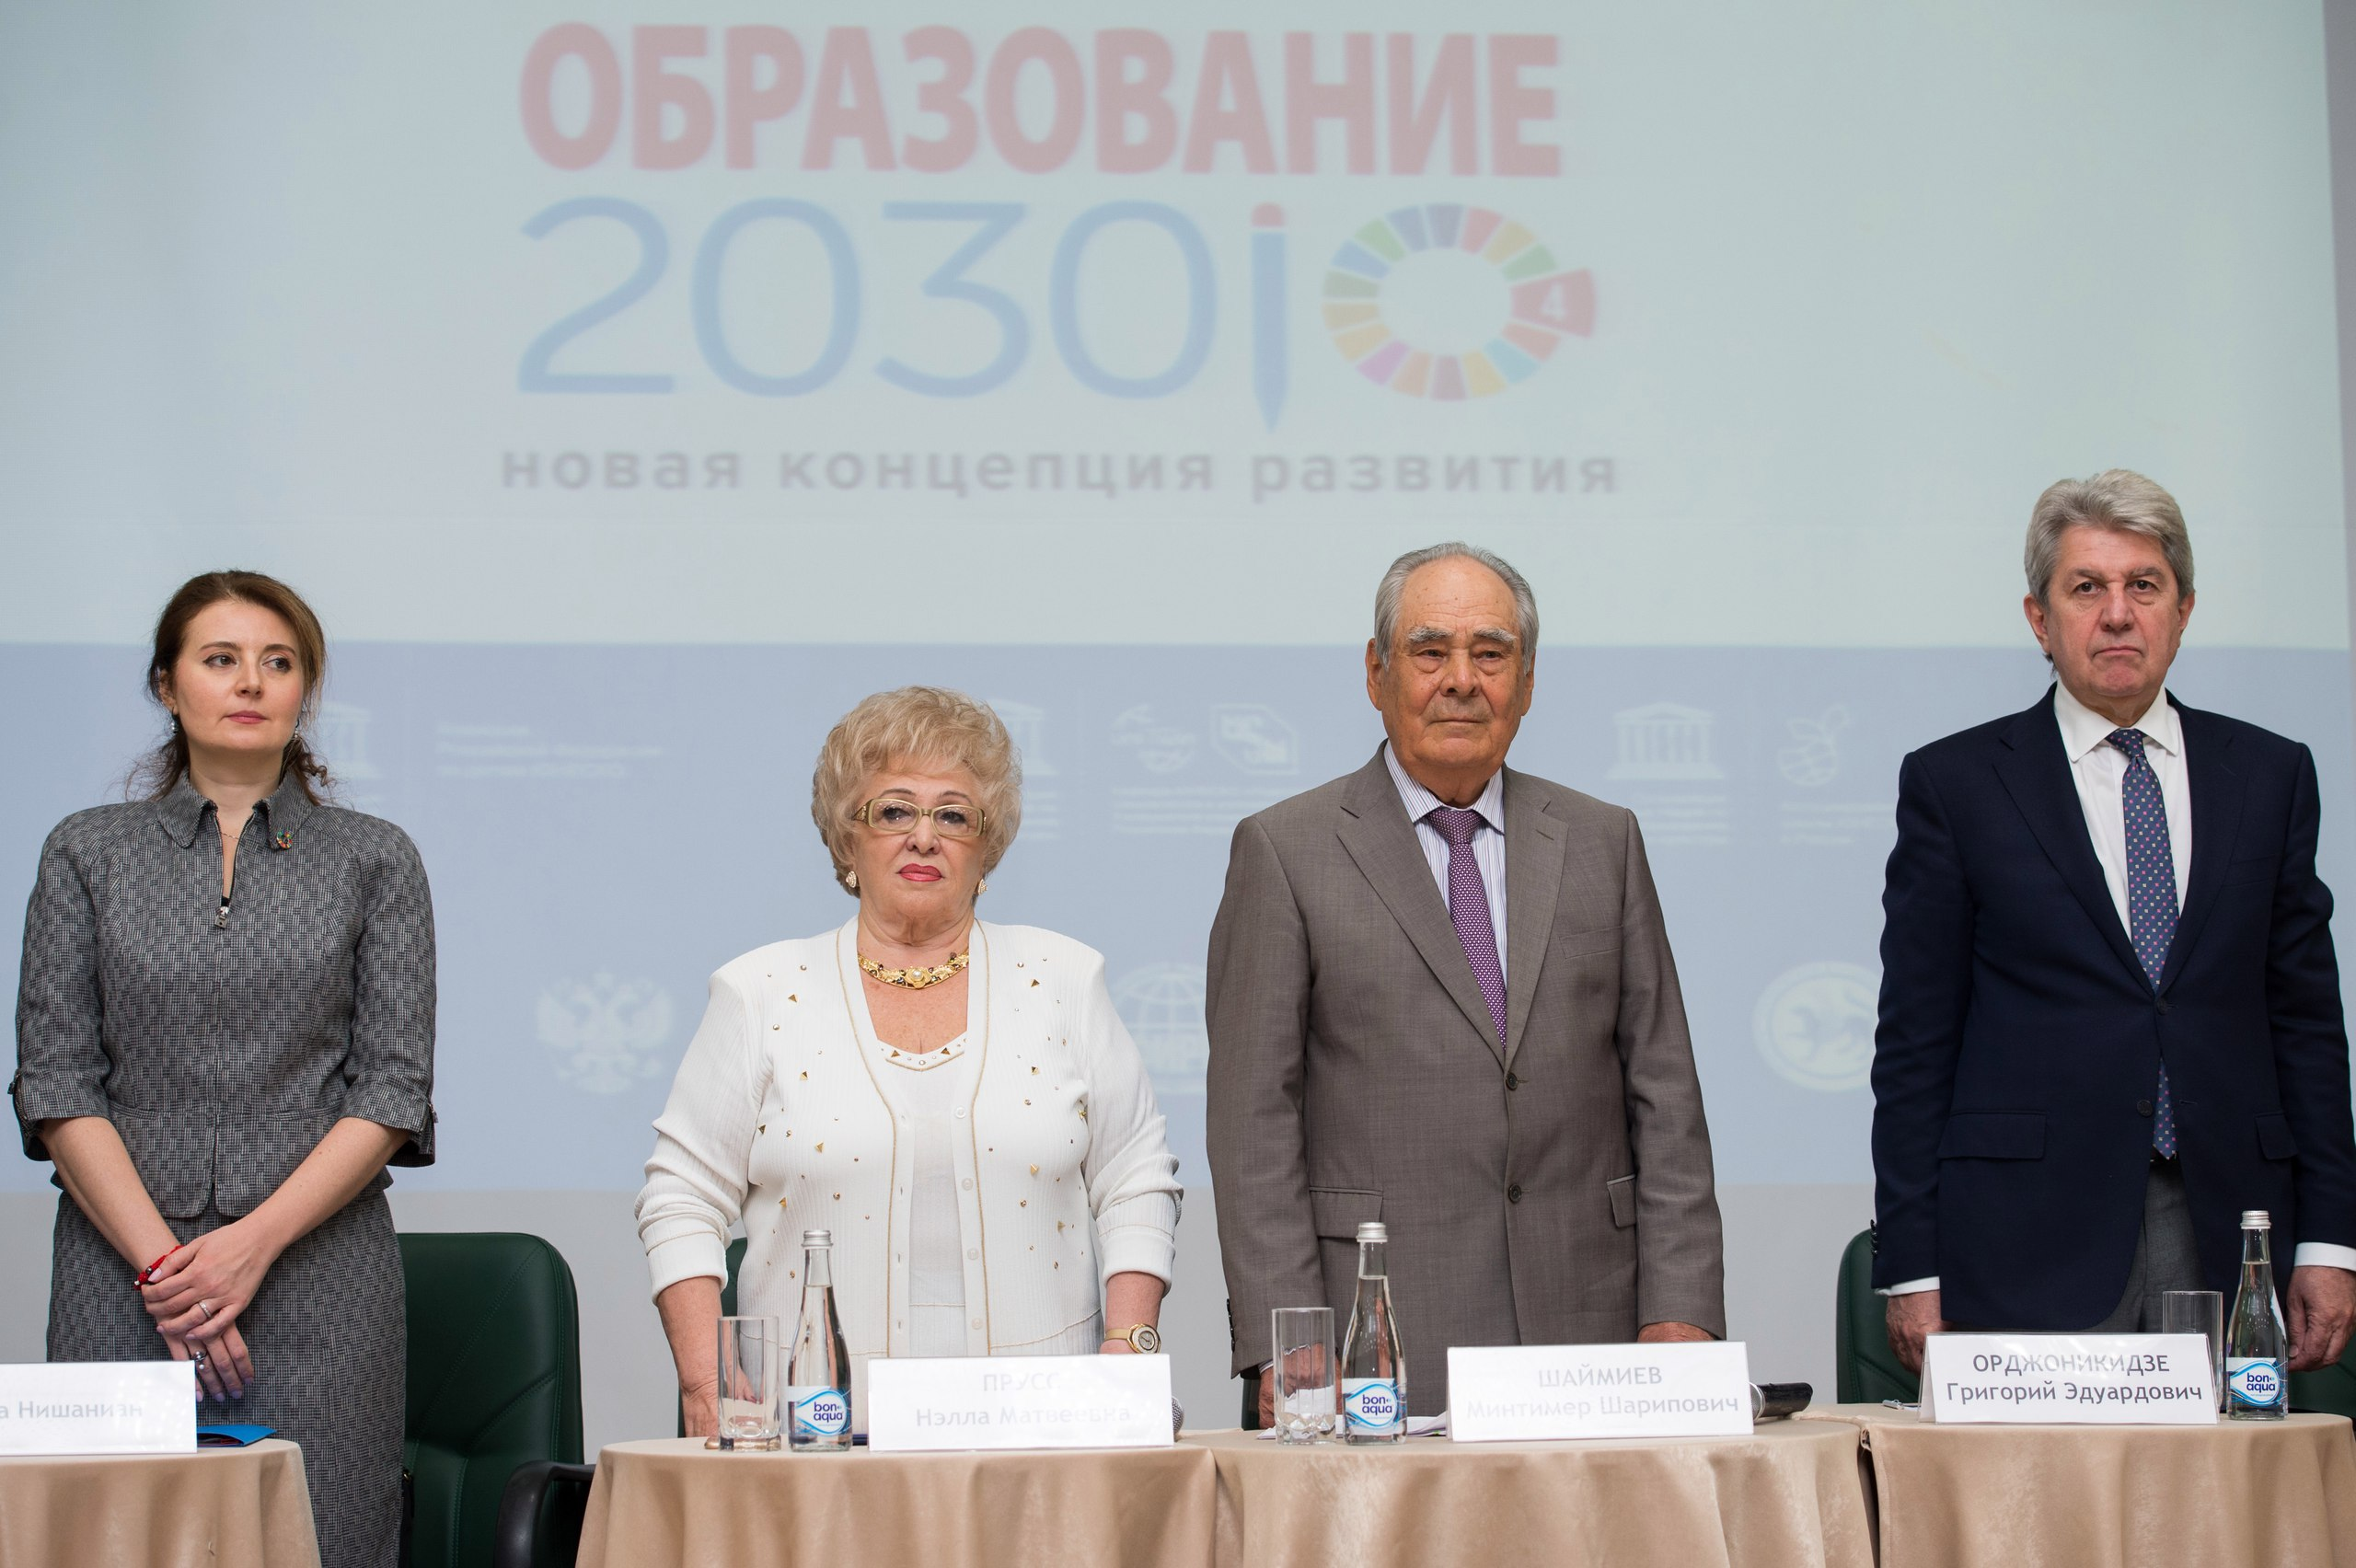 Нэлла Прусс: «Международный Форум ЮНЕСКО - площадка для обмена опытом в области российского и зарубежного образования»